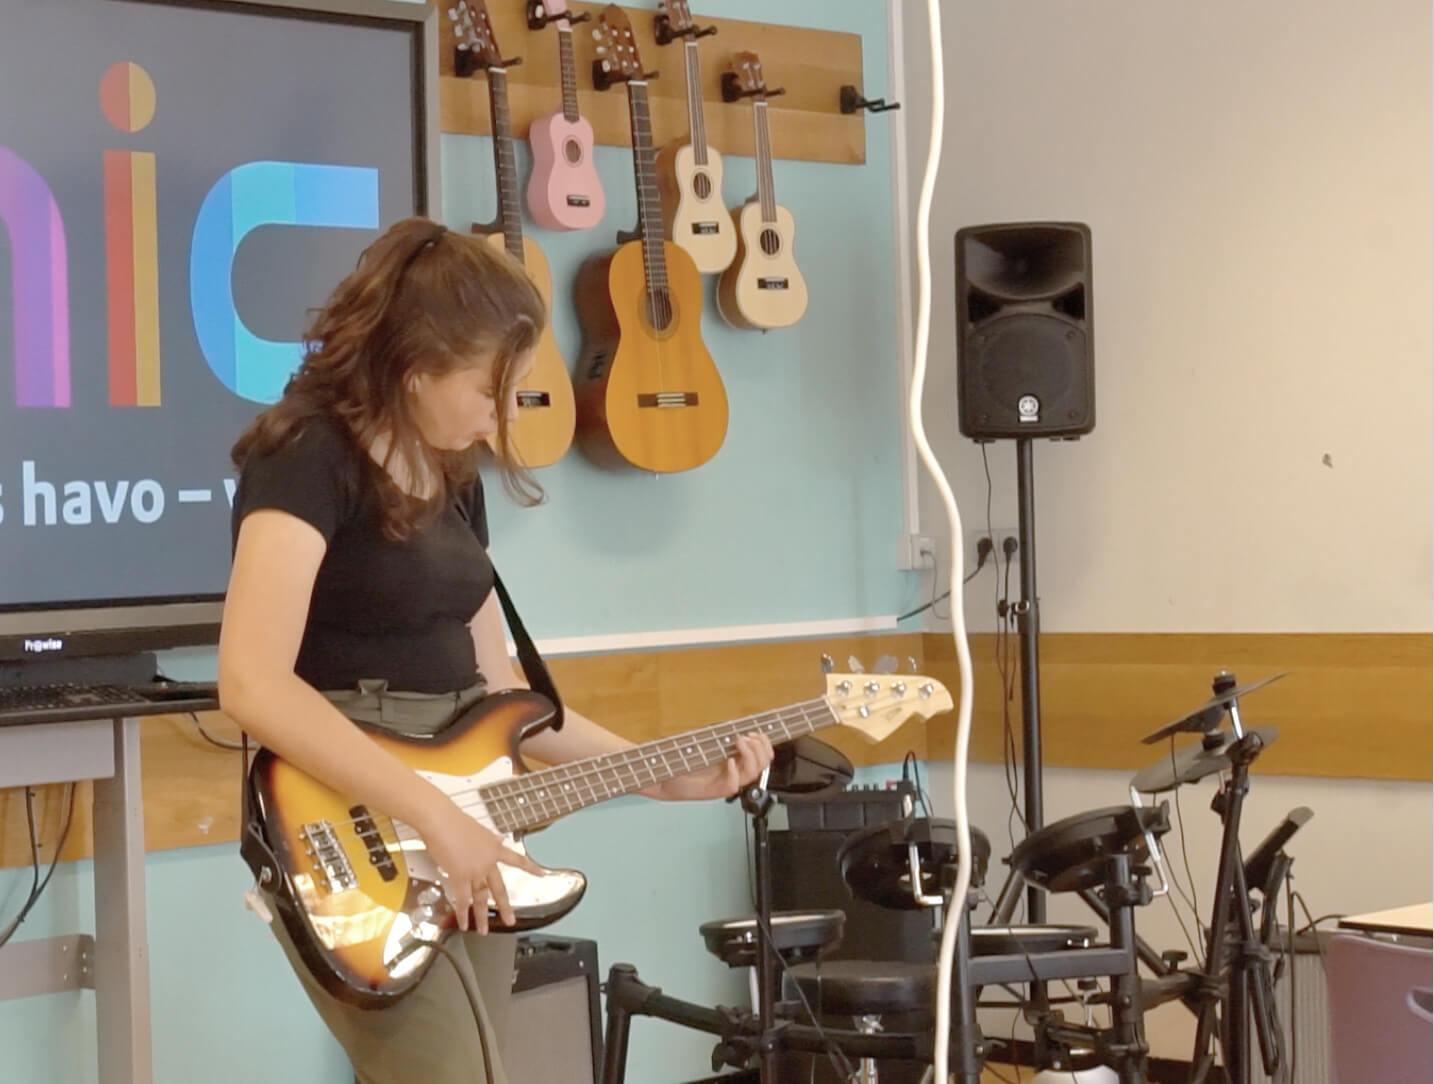 學生「成功爭取」改建學校課室做音樂室,參觀當日有幾位同學在作曲夾歌。